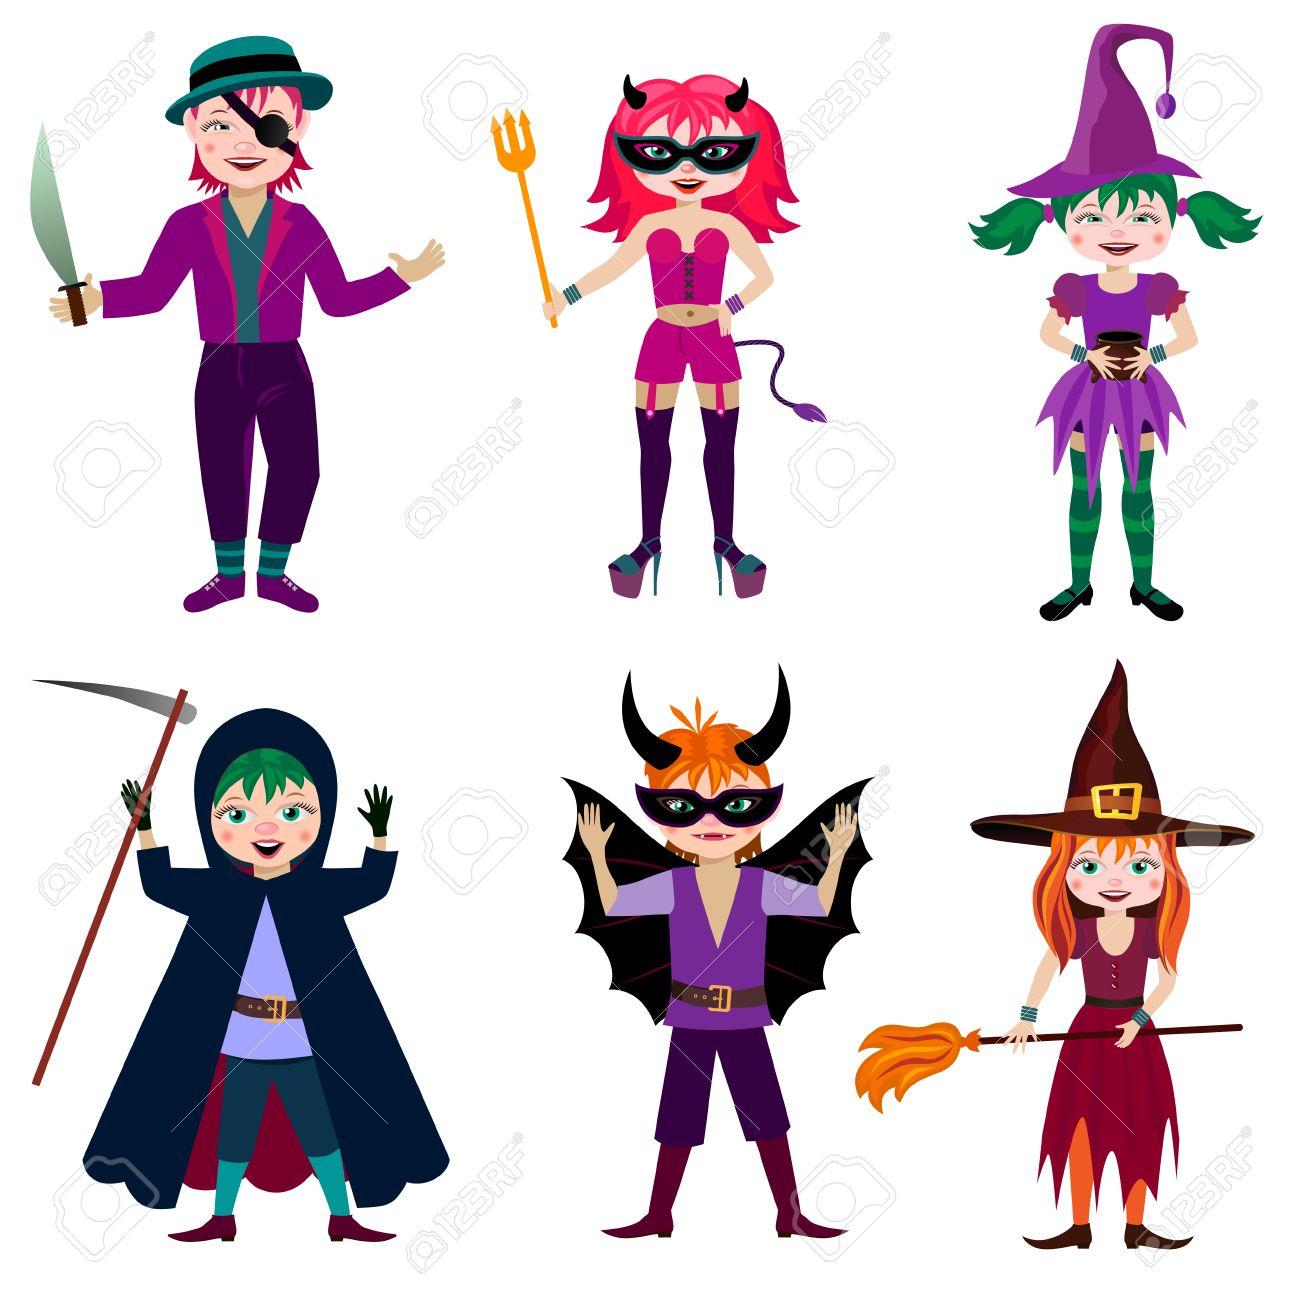 Conjunto De Personajes De Dibujos Animados De Halloween Los Nios